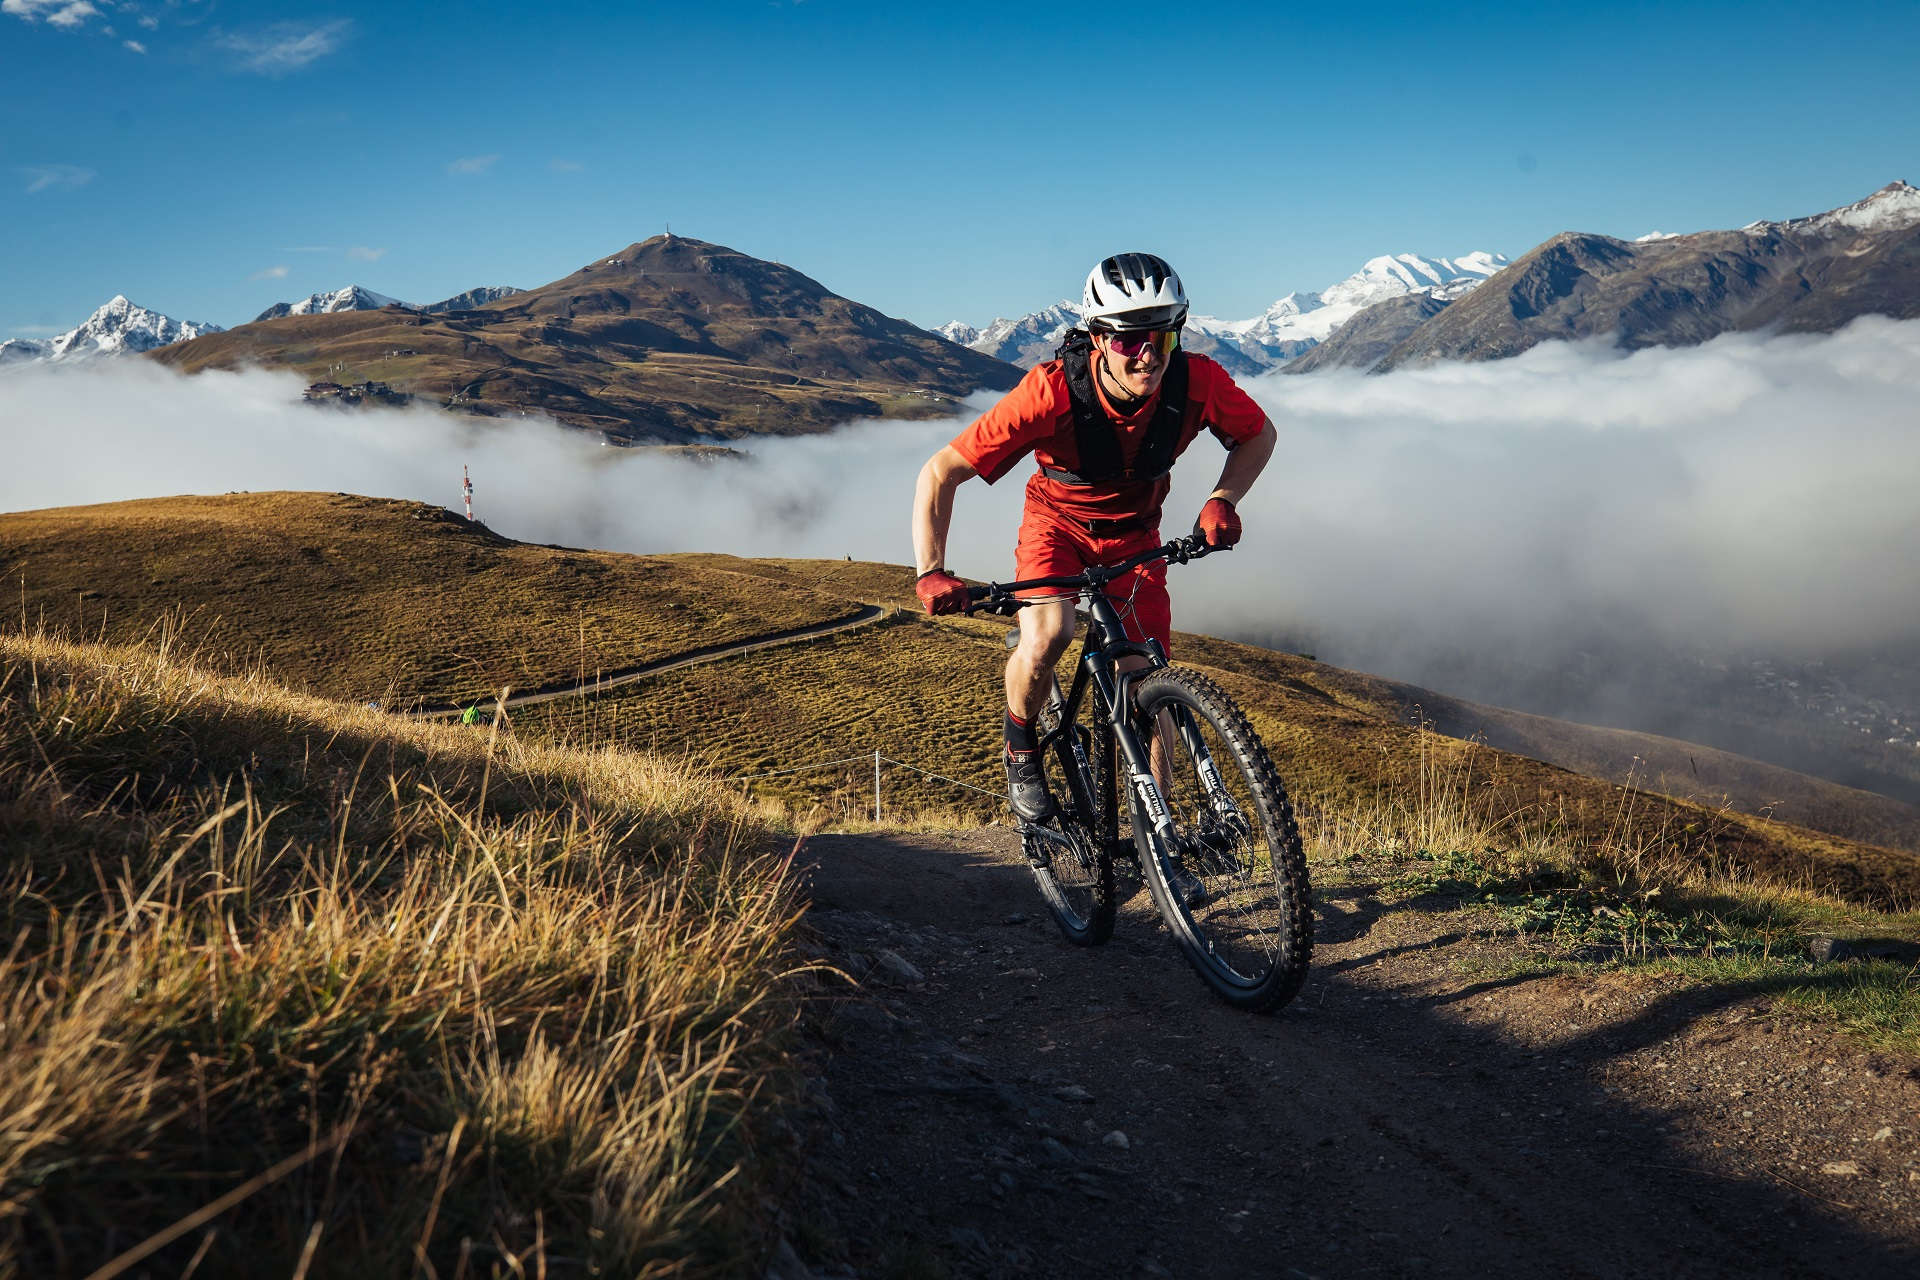 Bulls Mountainbike Trail Uphill